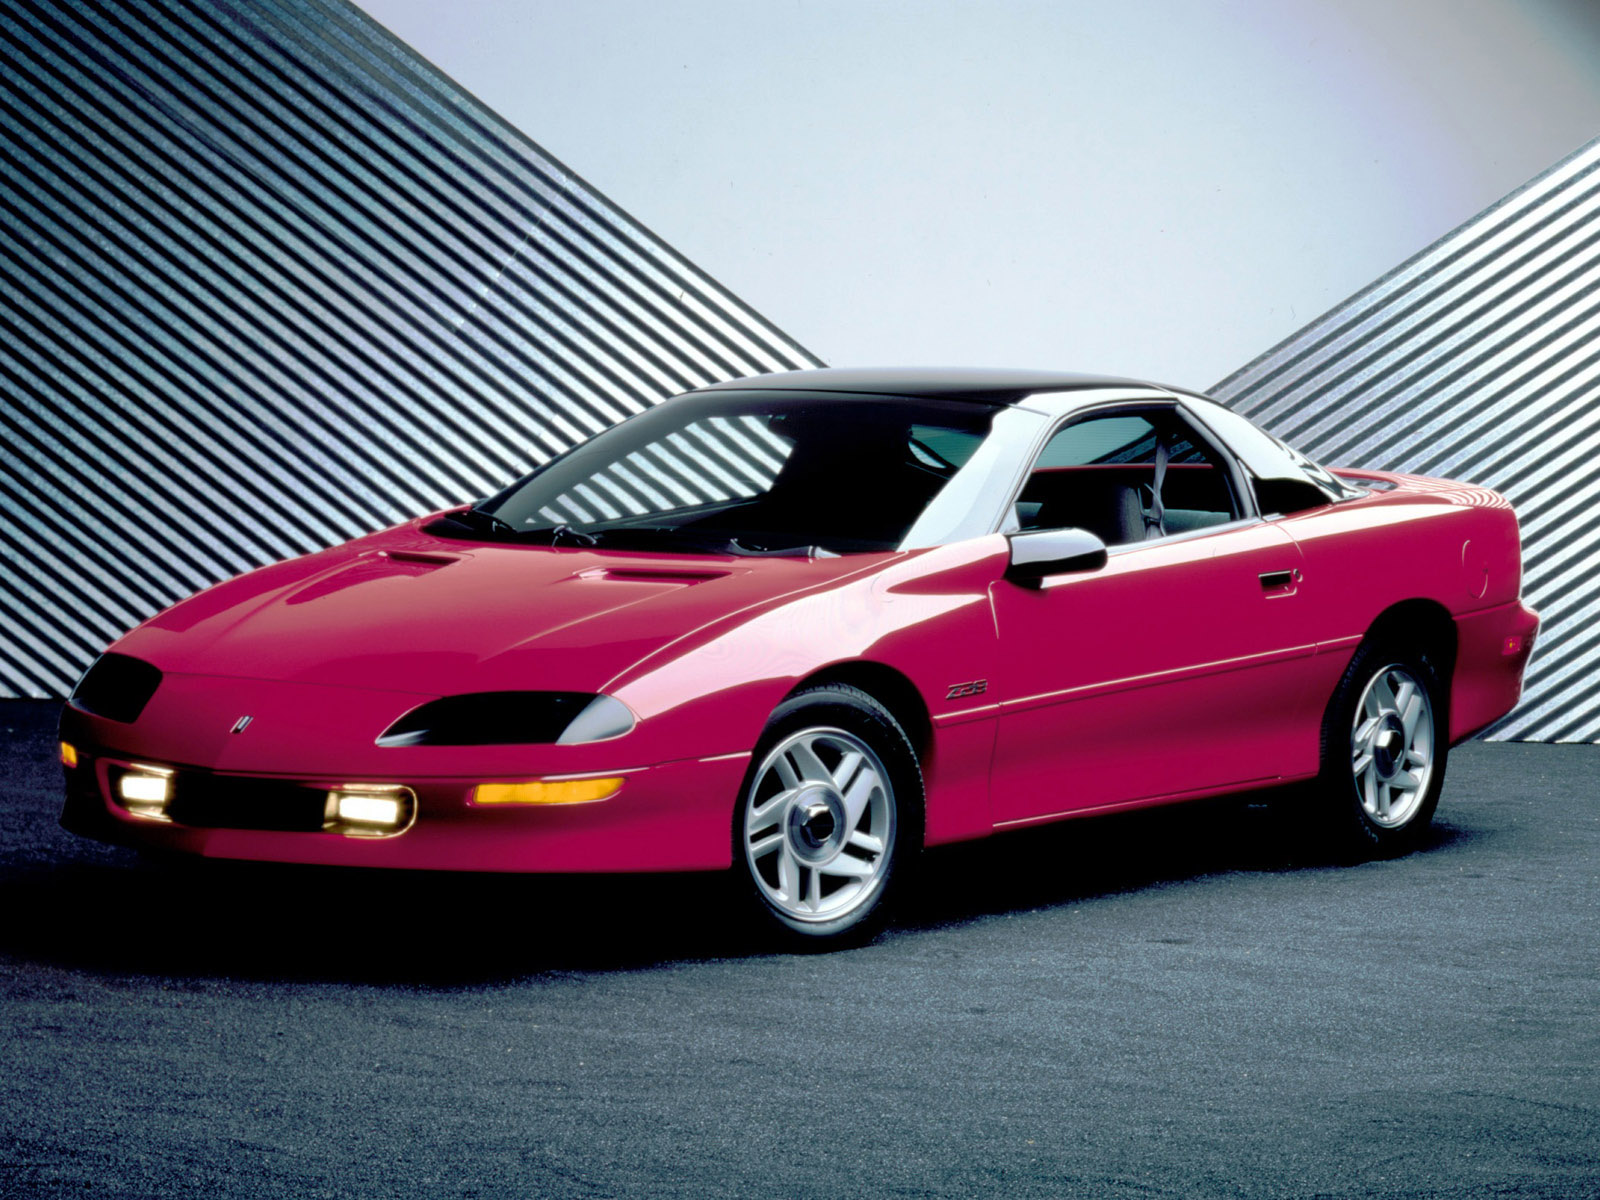 Chevrolet Camaro hasta hoy (4ª Generación 1993-2002) | COCHES ...